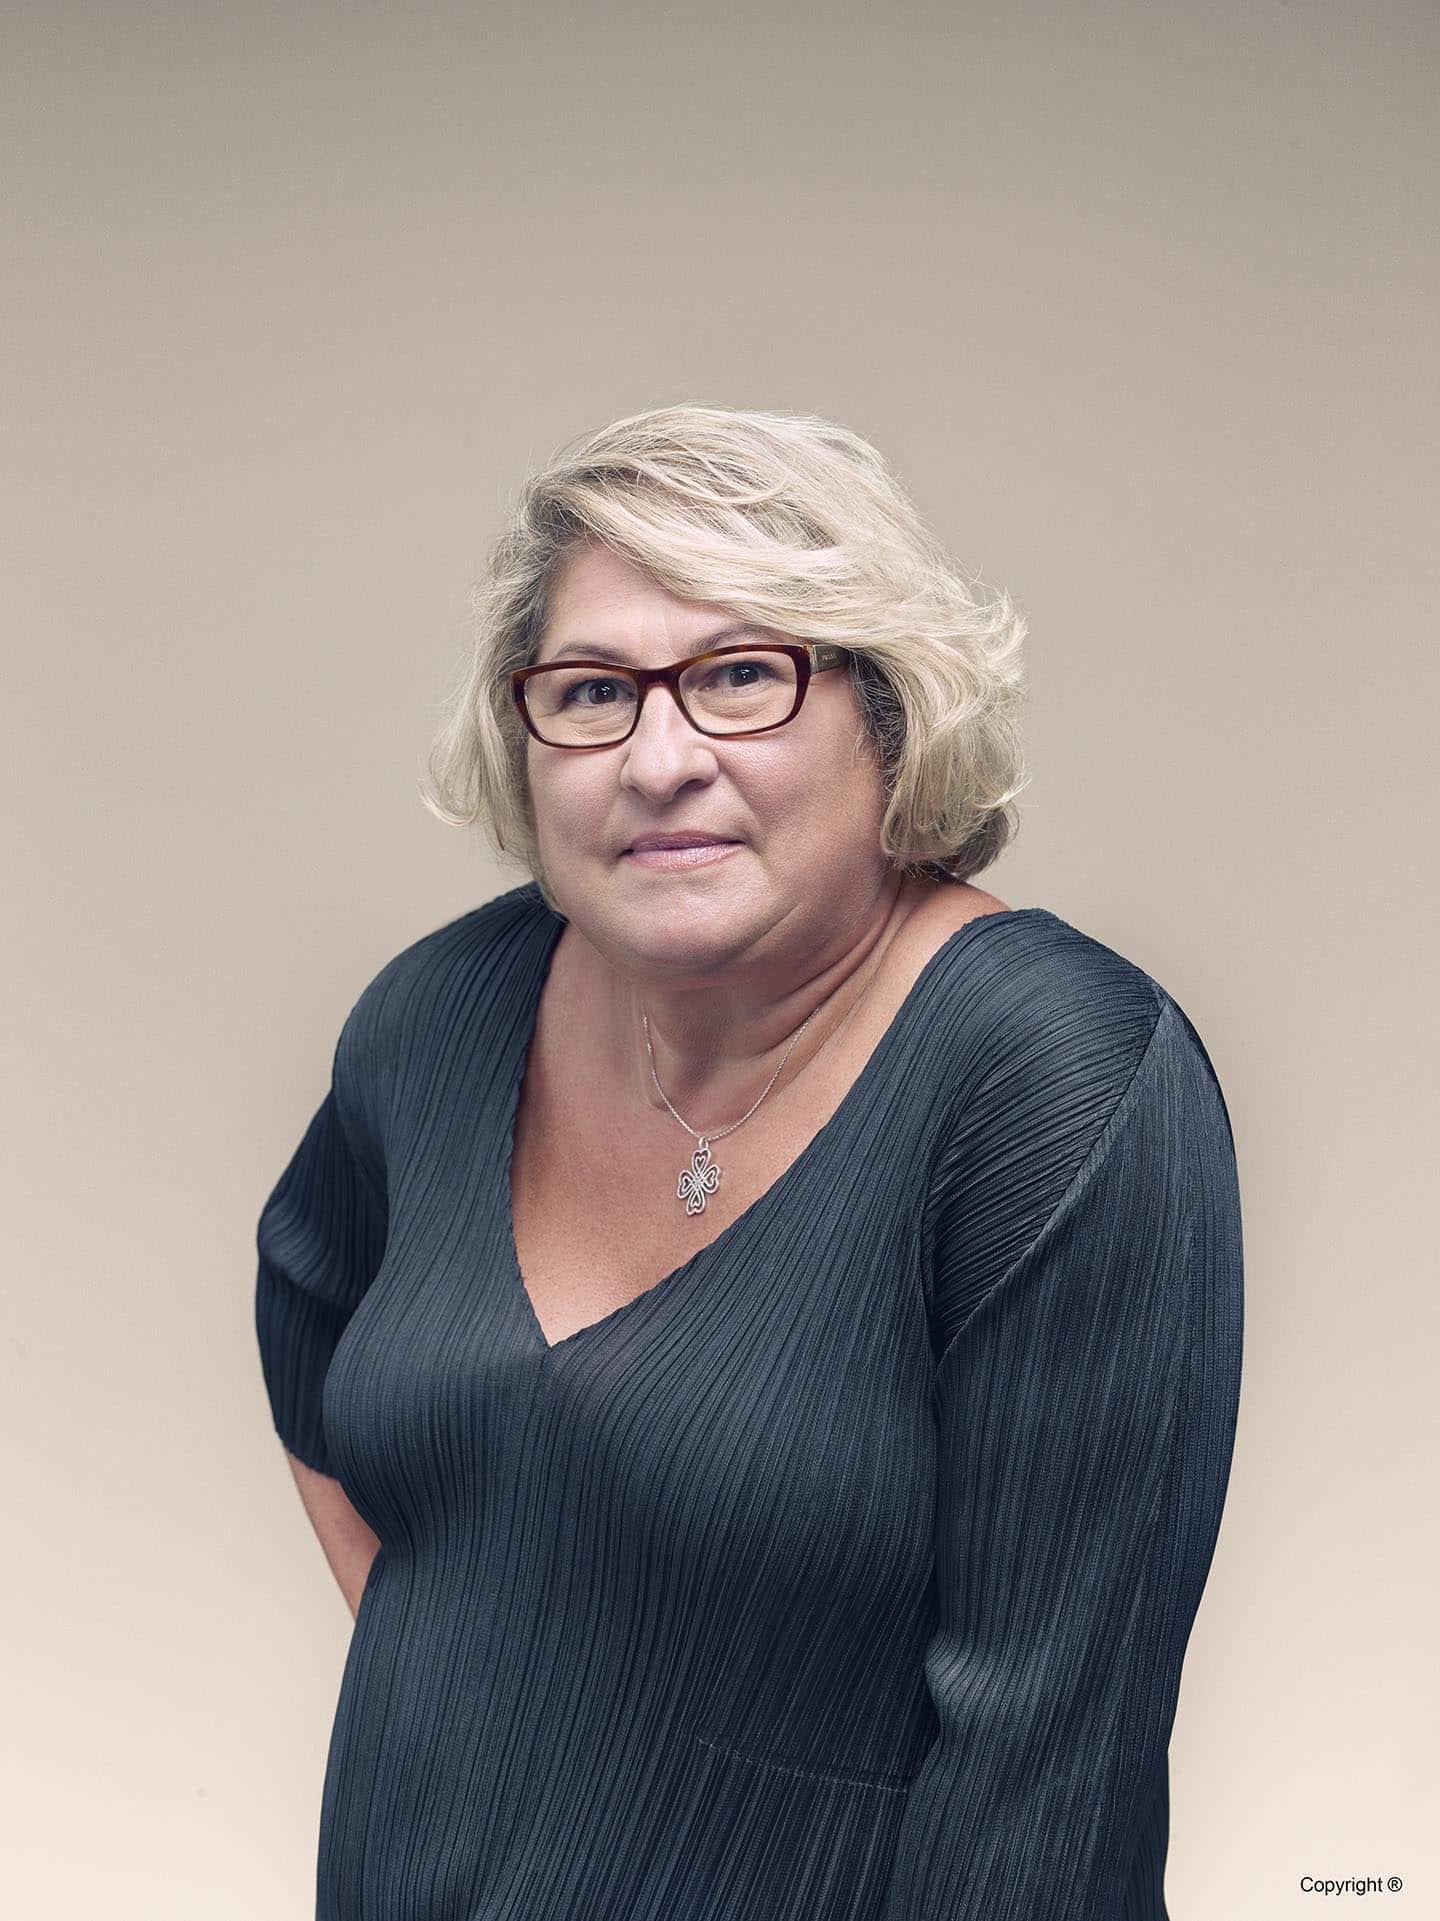 Maître Parfumeur Nathalie Lorson